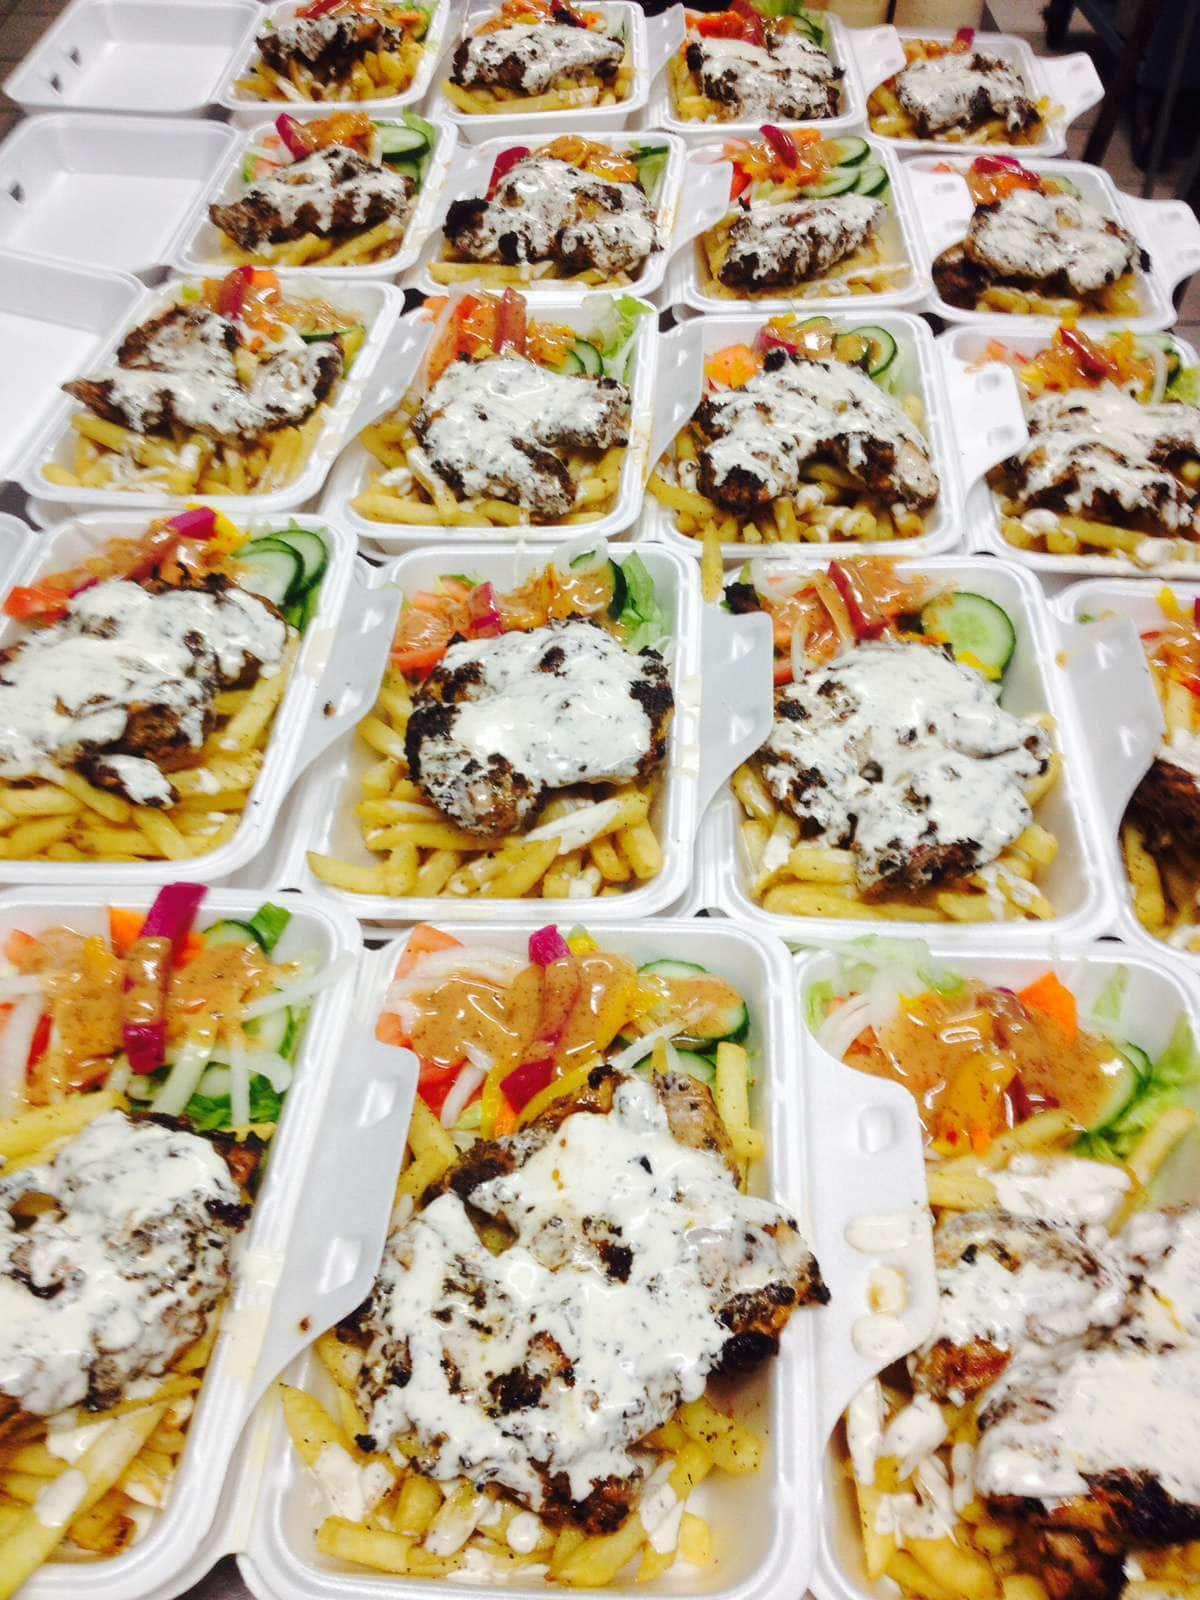 Chef\u0027s Door - Chefu0027s Dooru0027s photo  sc 1 st  Zomato & Chefu0027s Door Photos Pictures of Chefu0027s Door Oakville Toronto ...